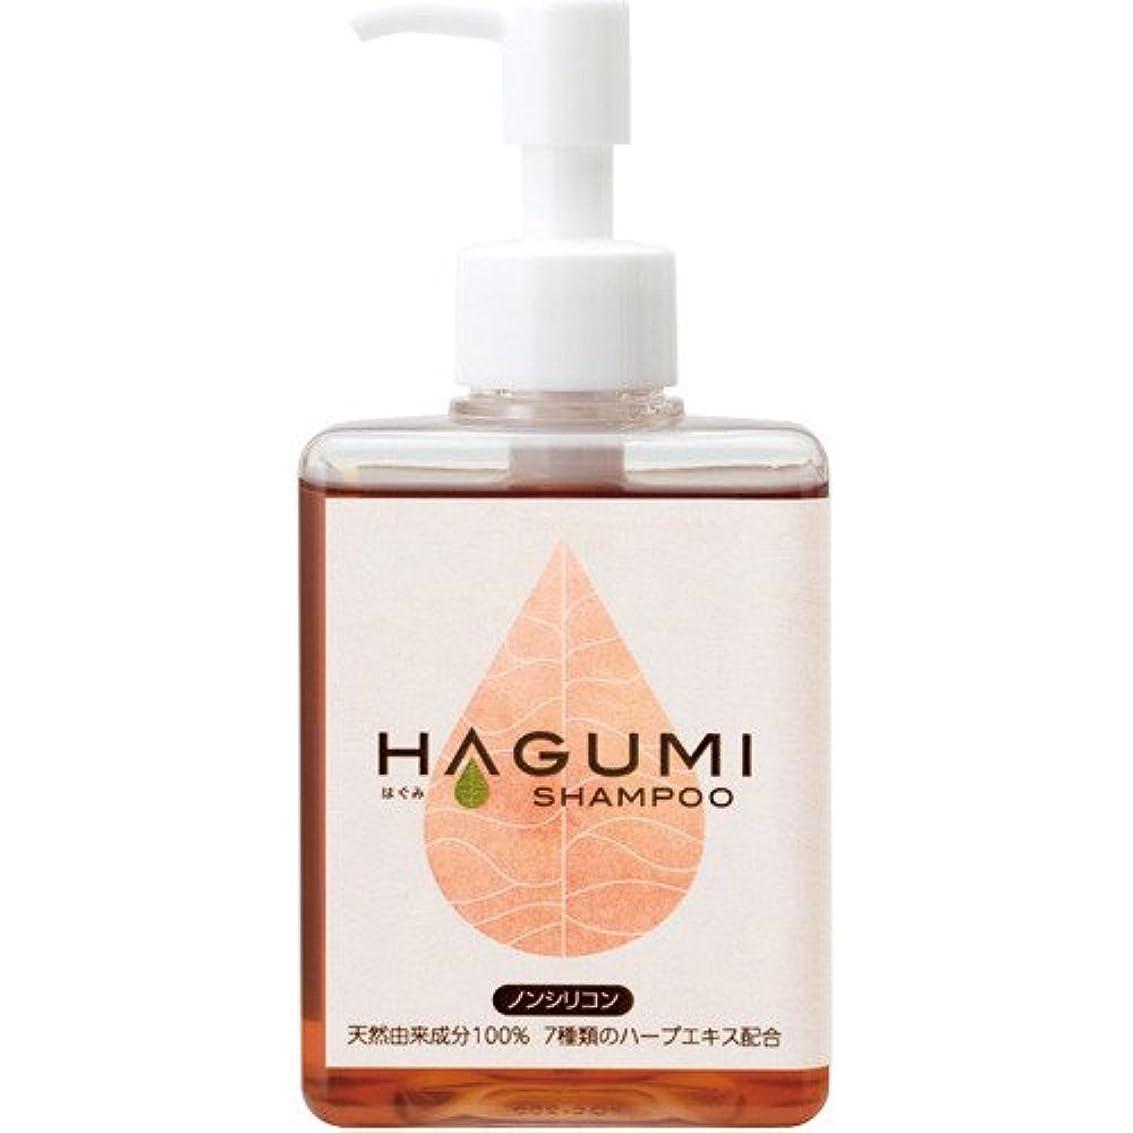 こどもセンター浴室誠意HAGUMI(ハグミ) シャンプー 200ml